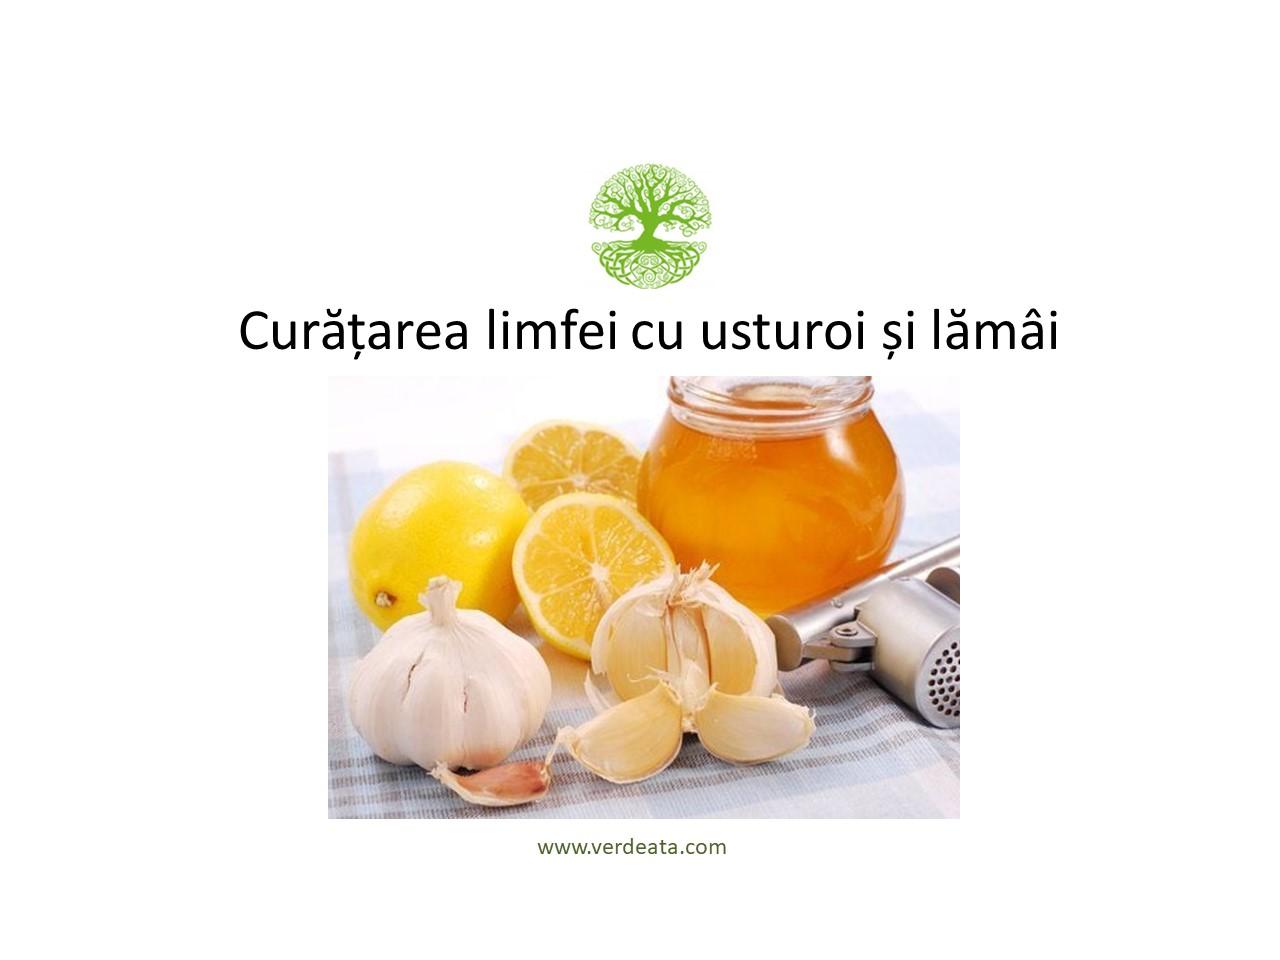 Soluția de usturoi pentru curățarea limfei